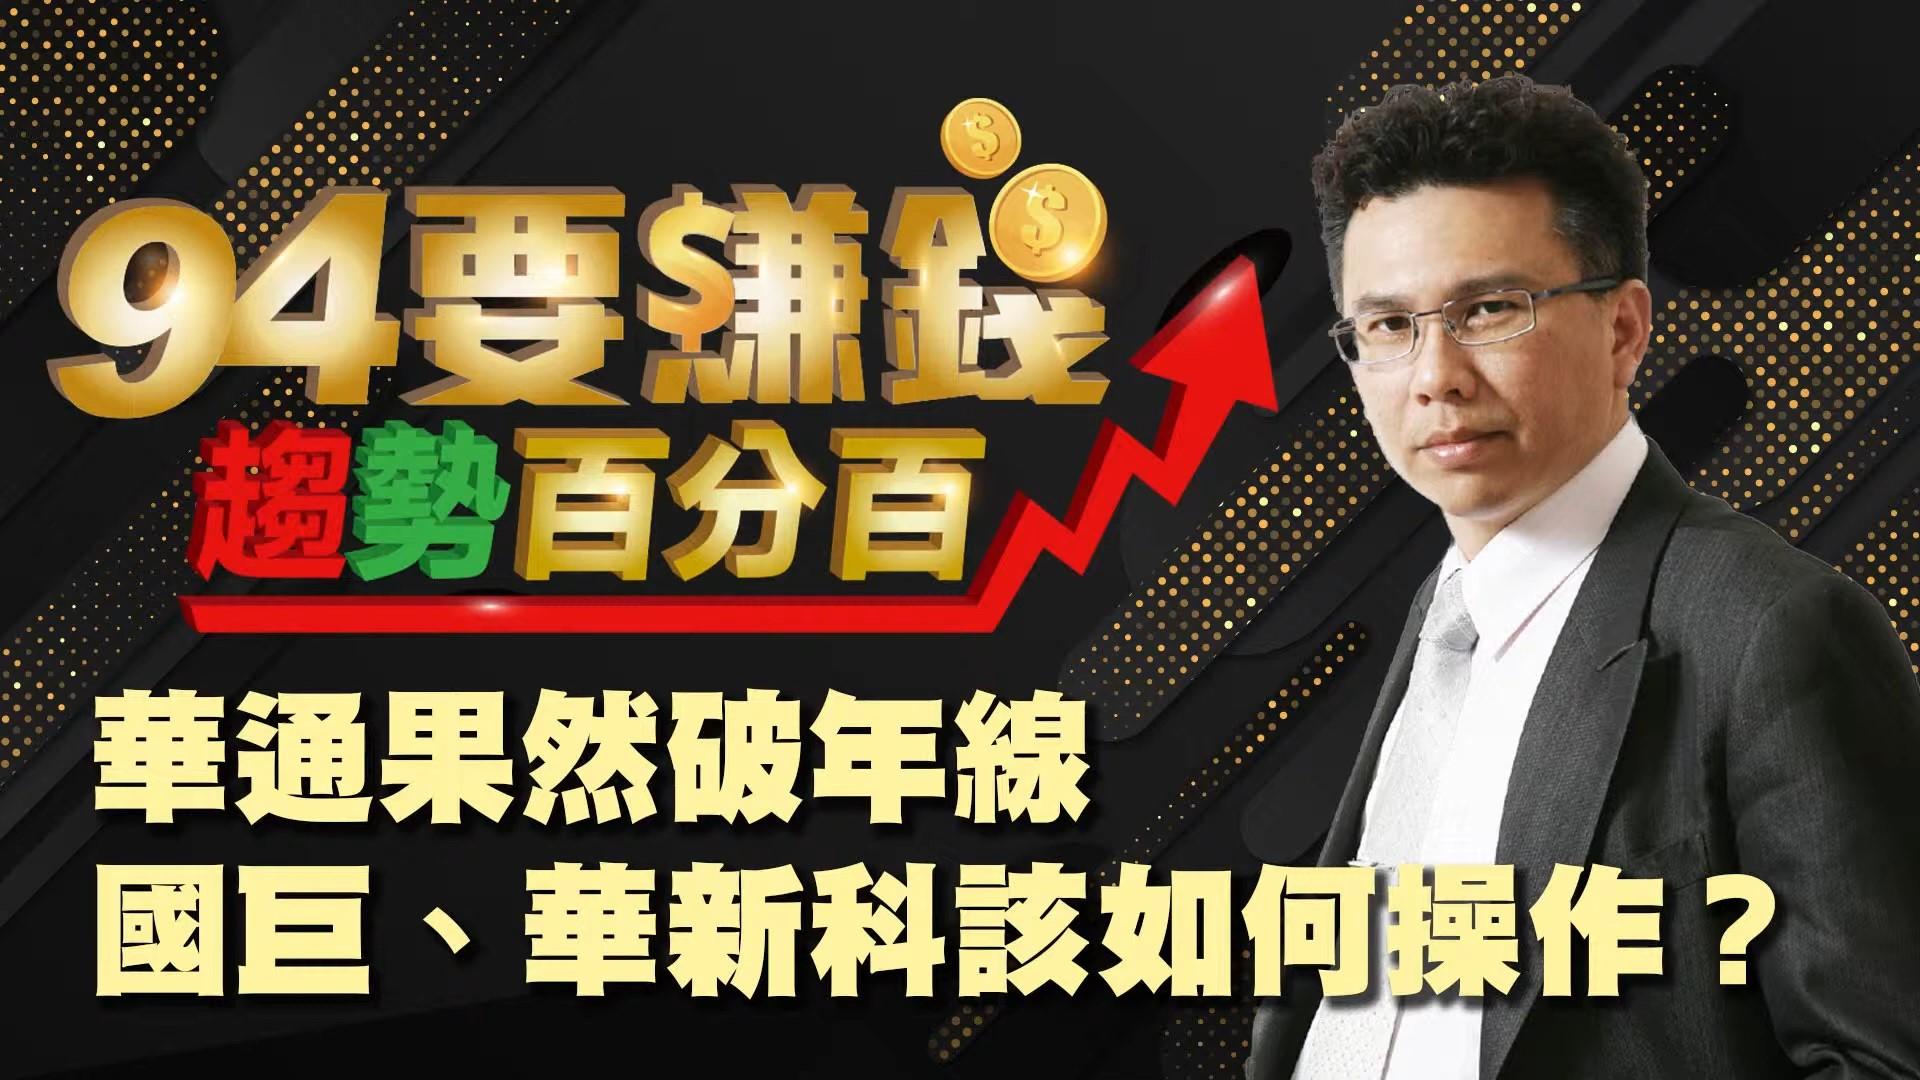 【94要賺錢/趨勢百分百】-20200925-王信傑